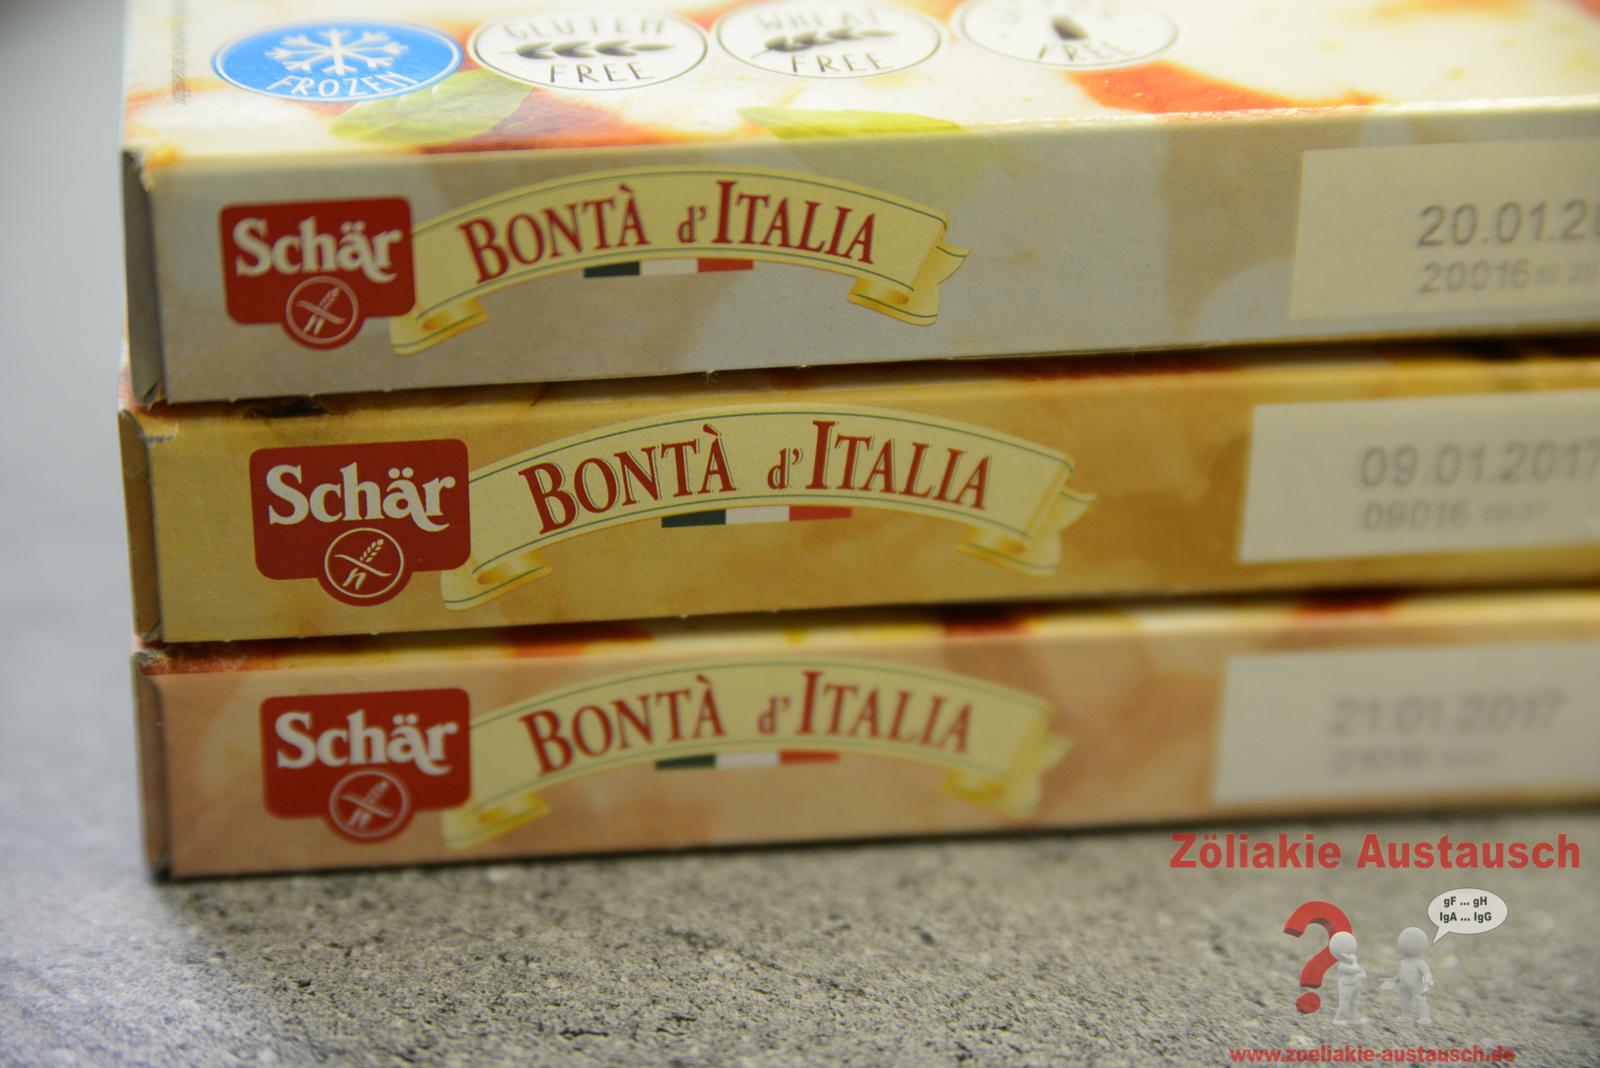 Schaer_Pizza-Zoeliakie_Austausch_002